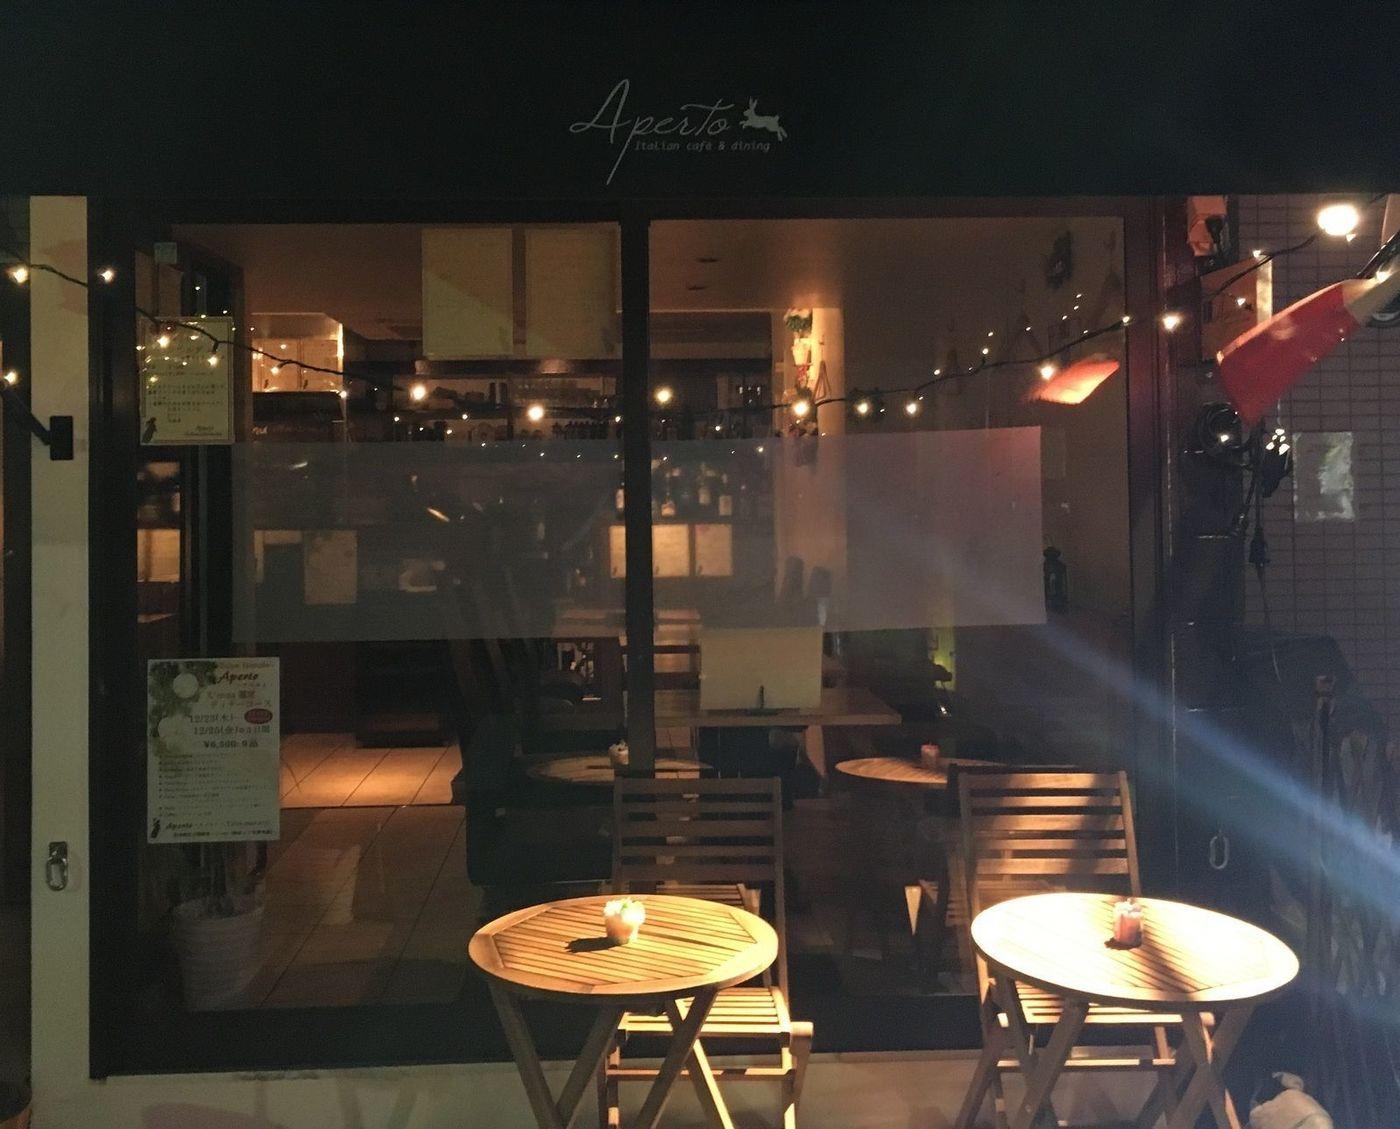 【千歳烏山】おしゃれなカフェから穴場スポットまで!おすすめ7選♪の画像